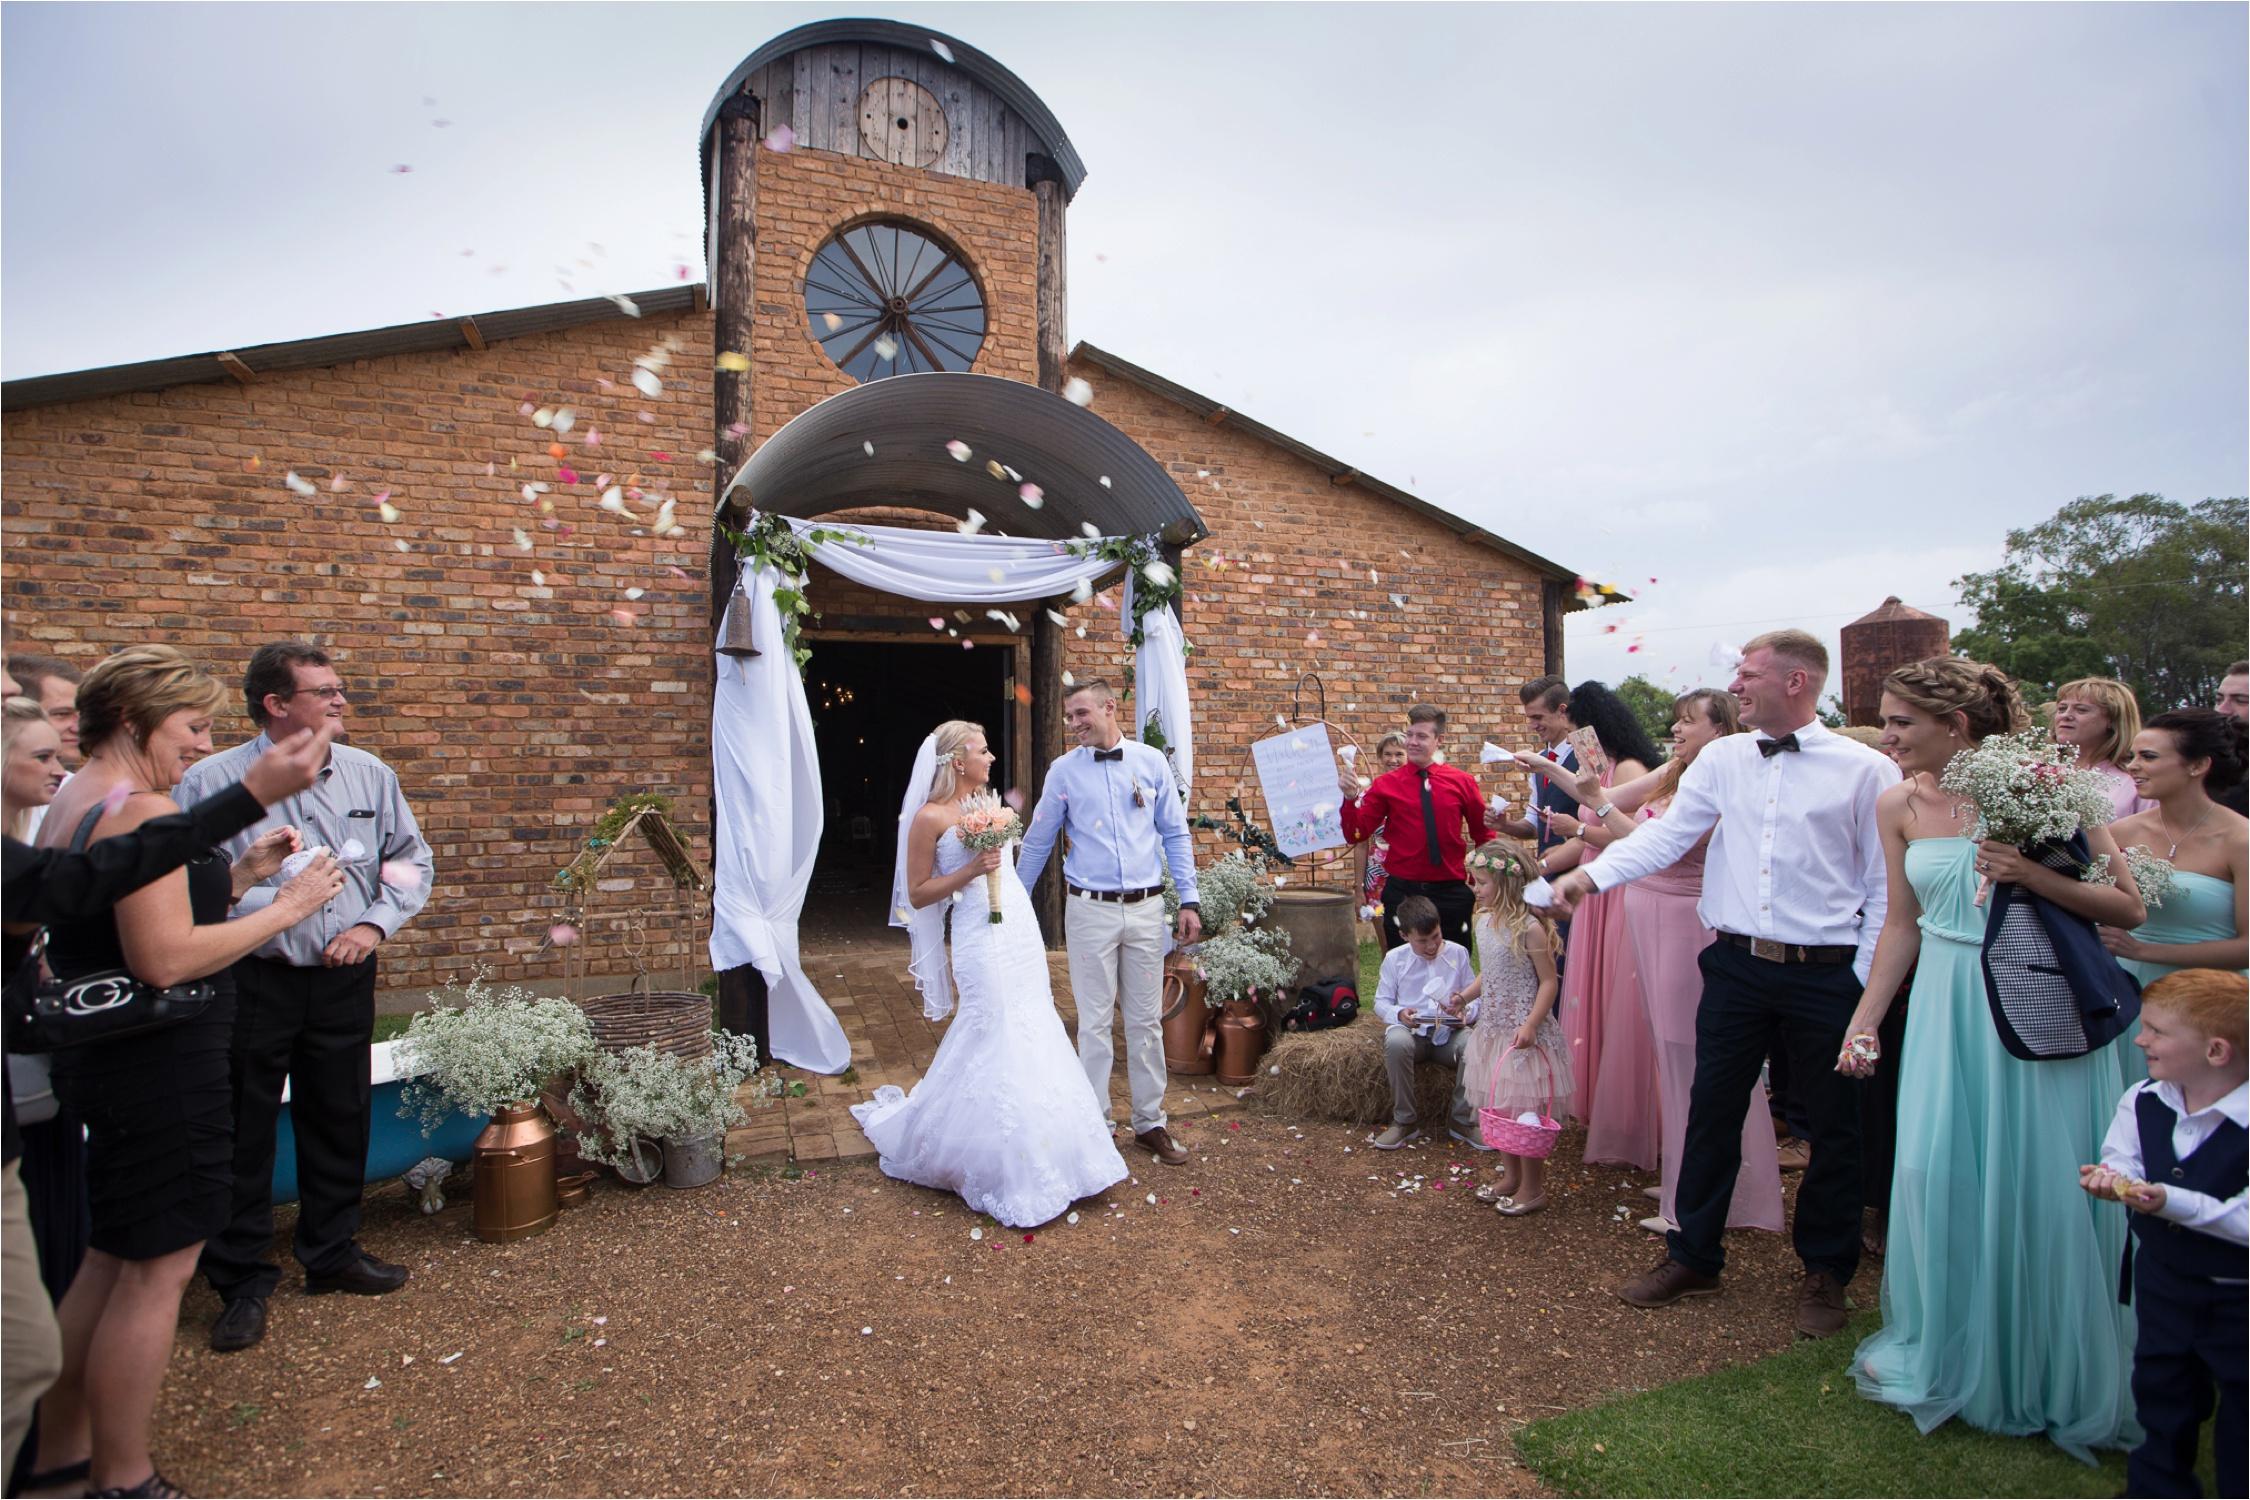 Die_Waenhuiskraal_wedding_Alicia_Dwayne_49